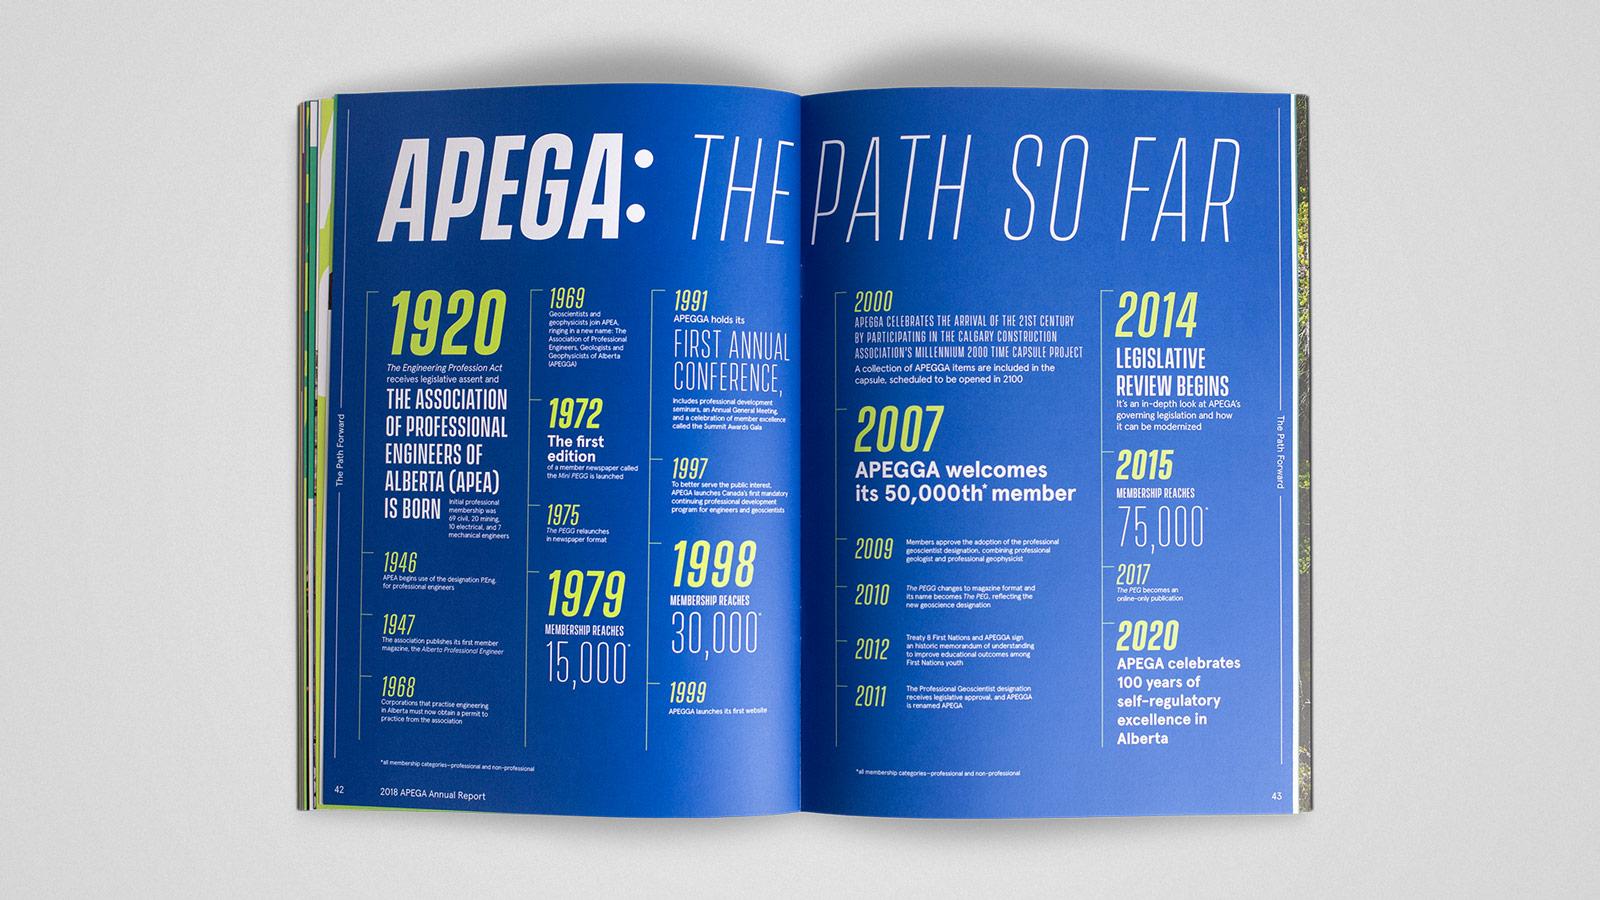 APEGA_annual_report_10.jpg